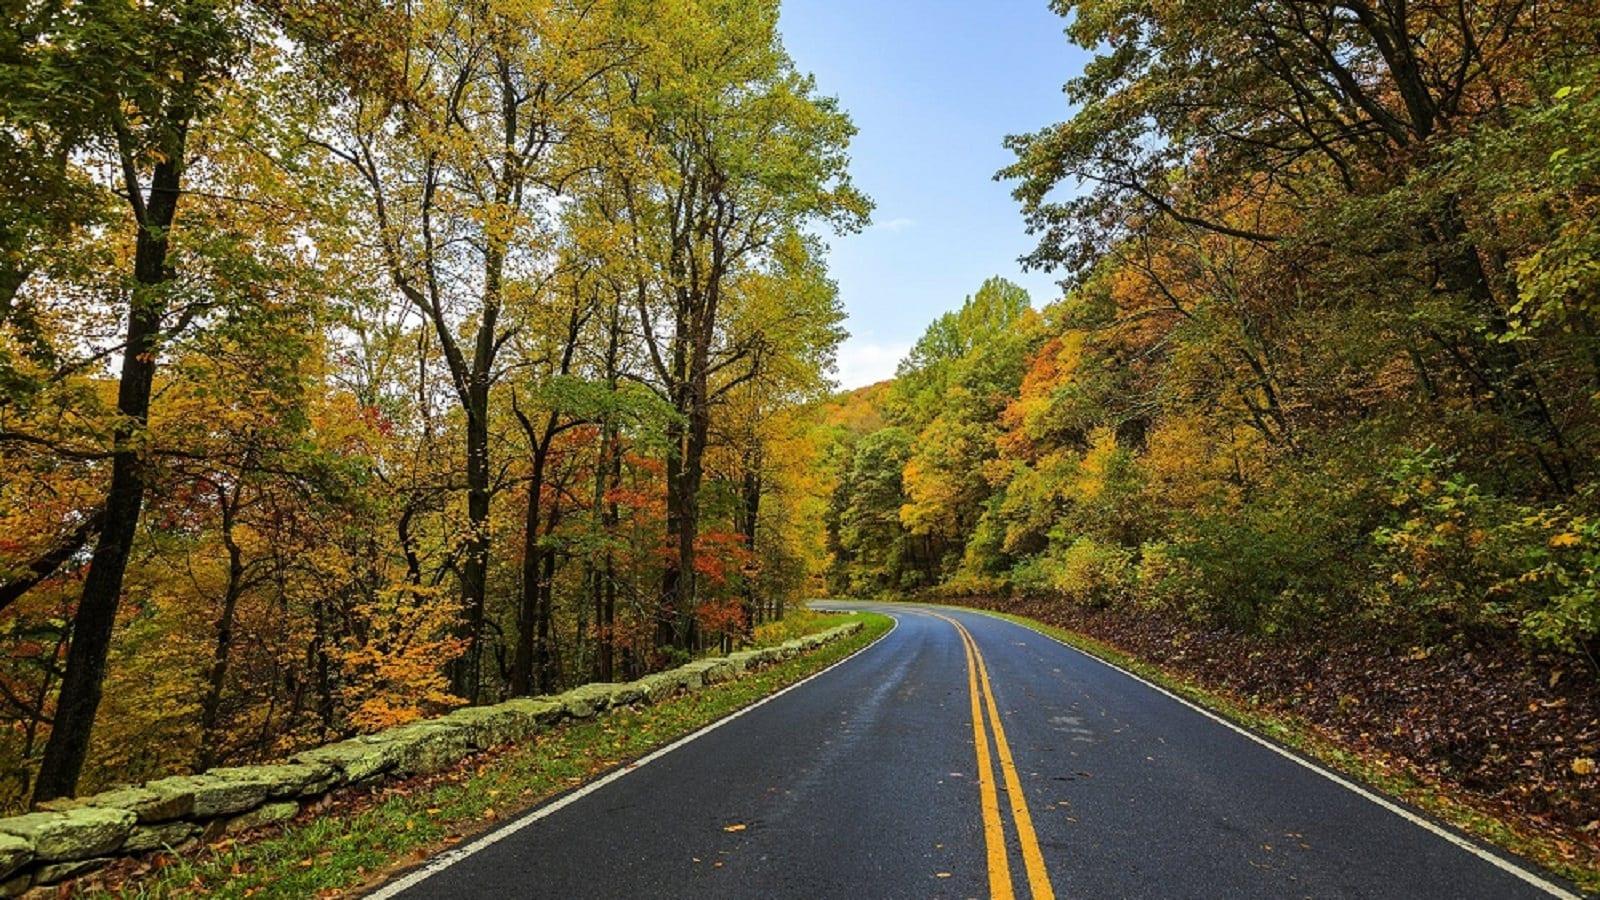 North Carolina Rural Road Stock Photo